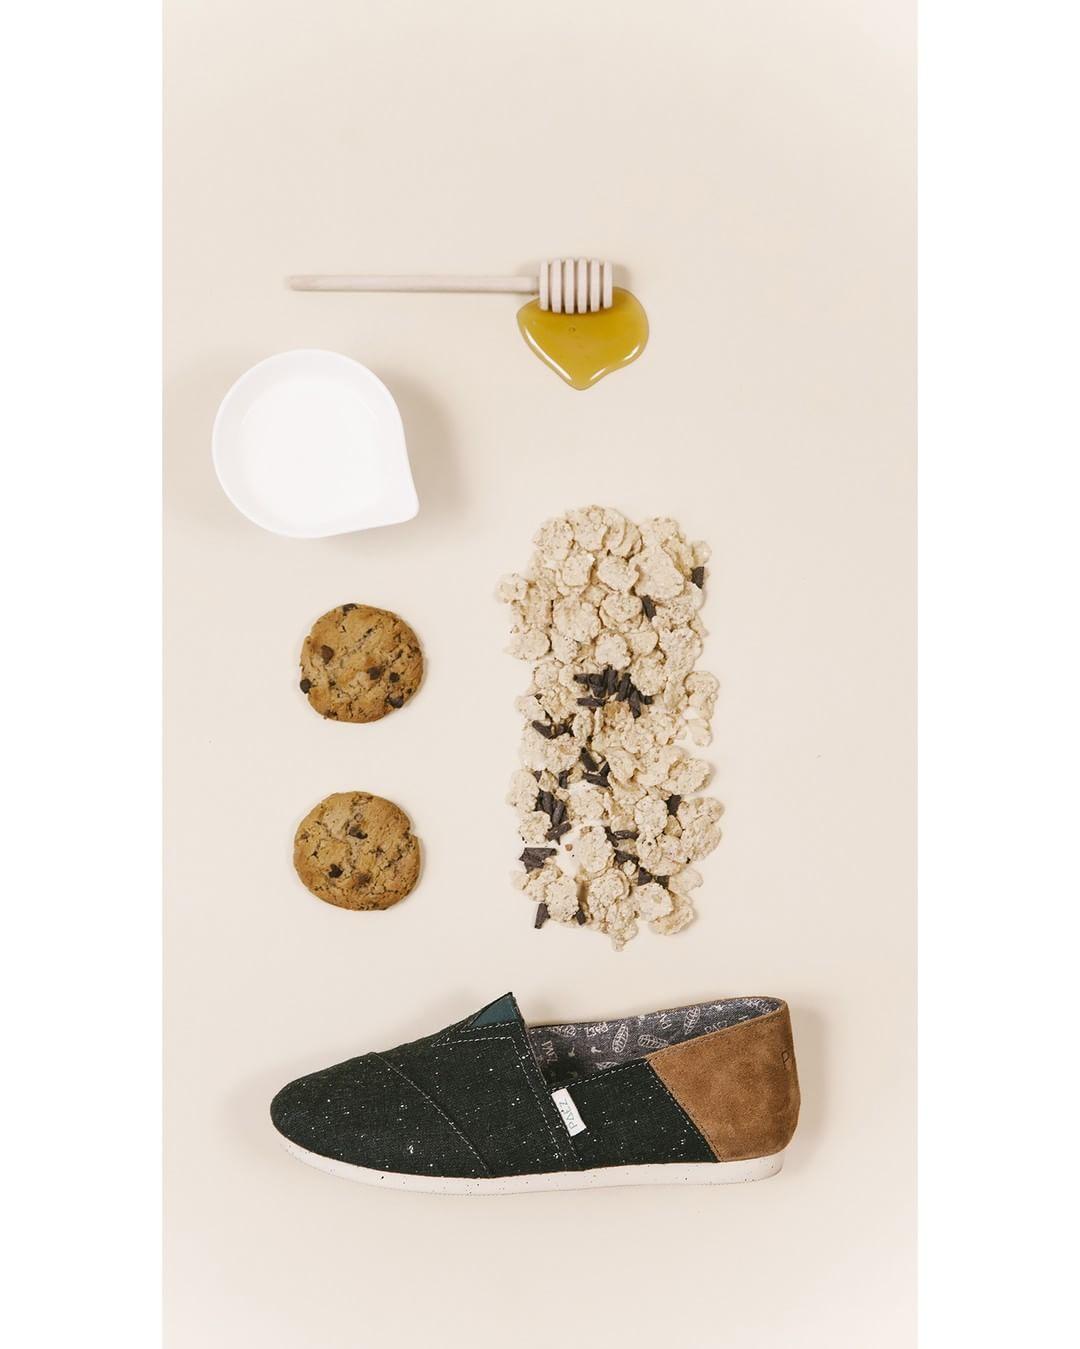 Breakfast part III Encuentra las Nuevas Originals en la New Collection #spreadtheseed  Link in bio ☝ #paez #fw1617  paez.com / paez.com.ar